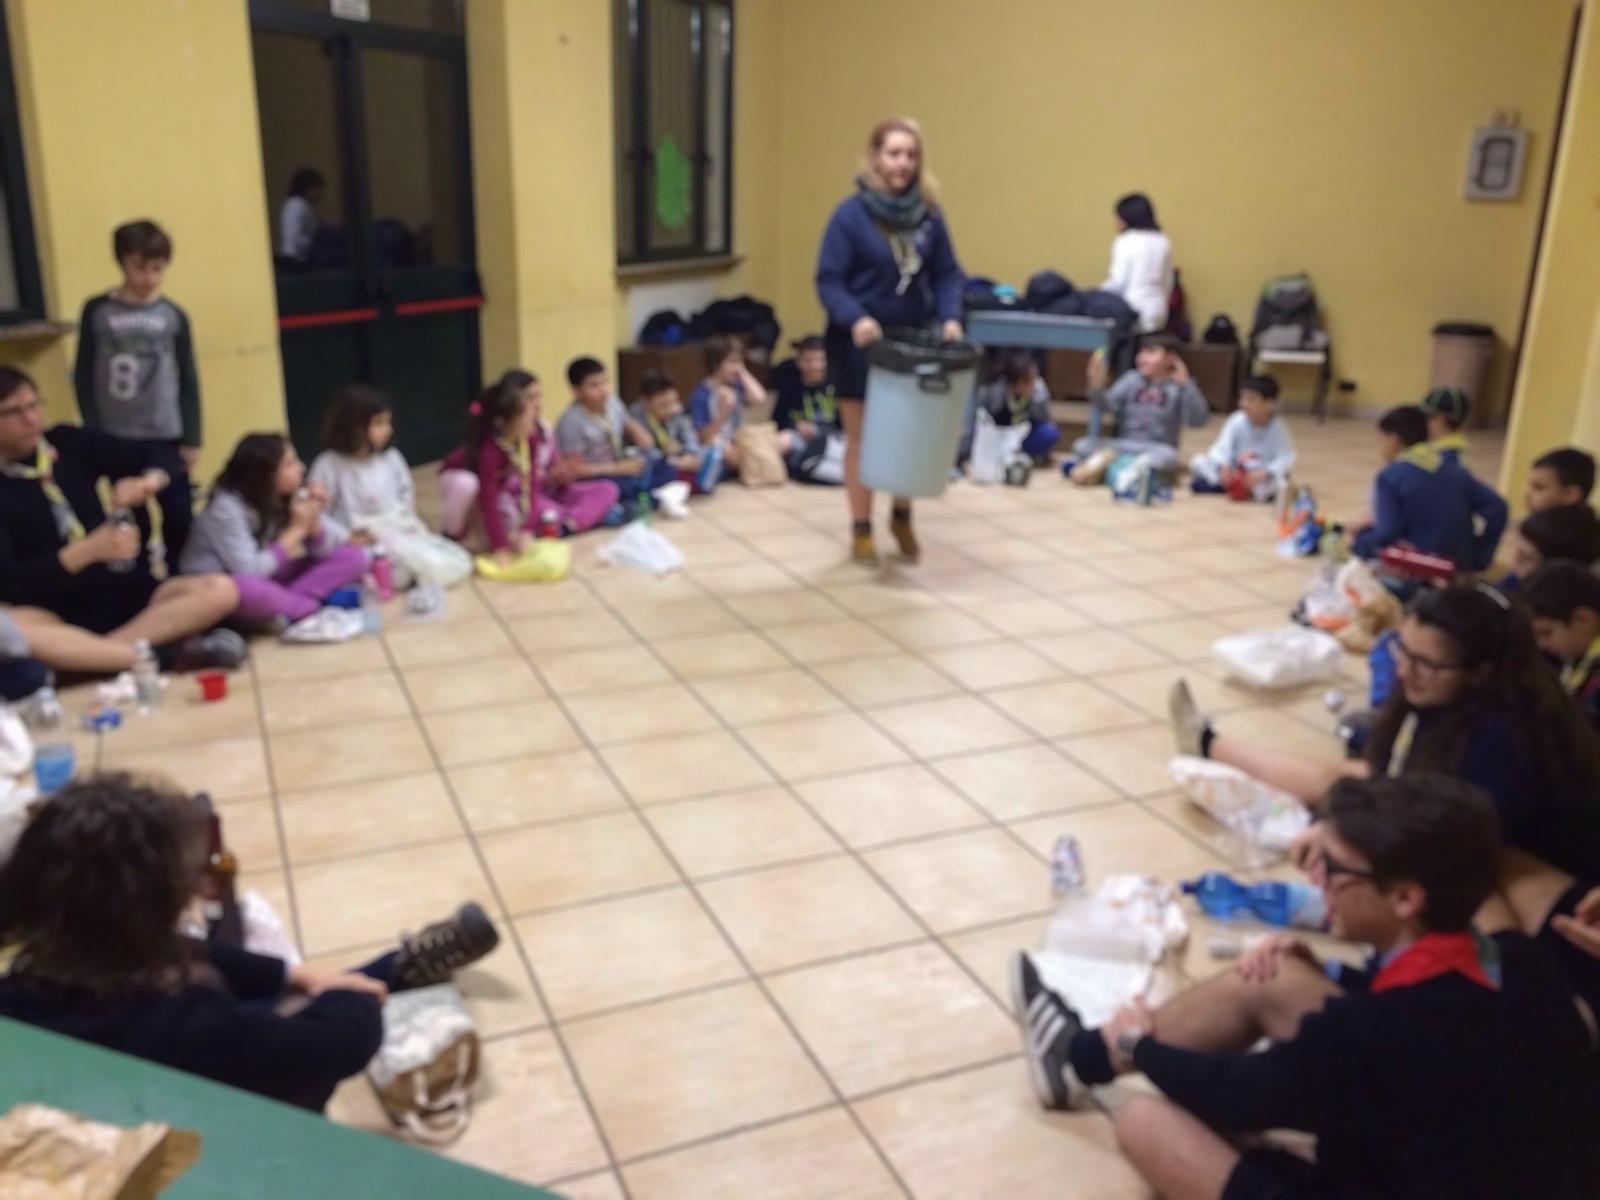 La distribuzione della cena al sacco. Le immagini sono state appositamente sfocate per impedire il riconoscimento dei volti dei bambini.